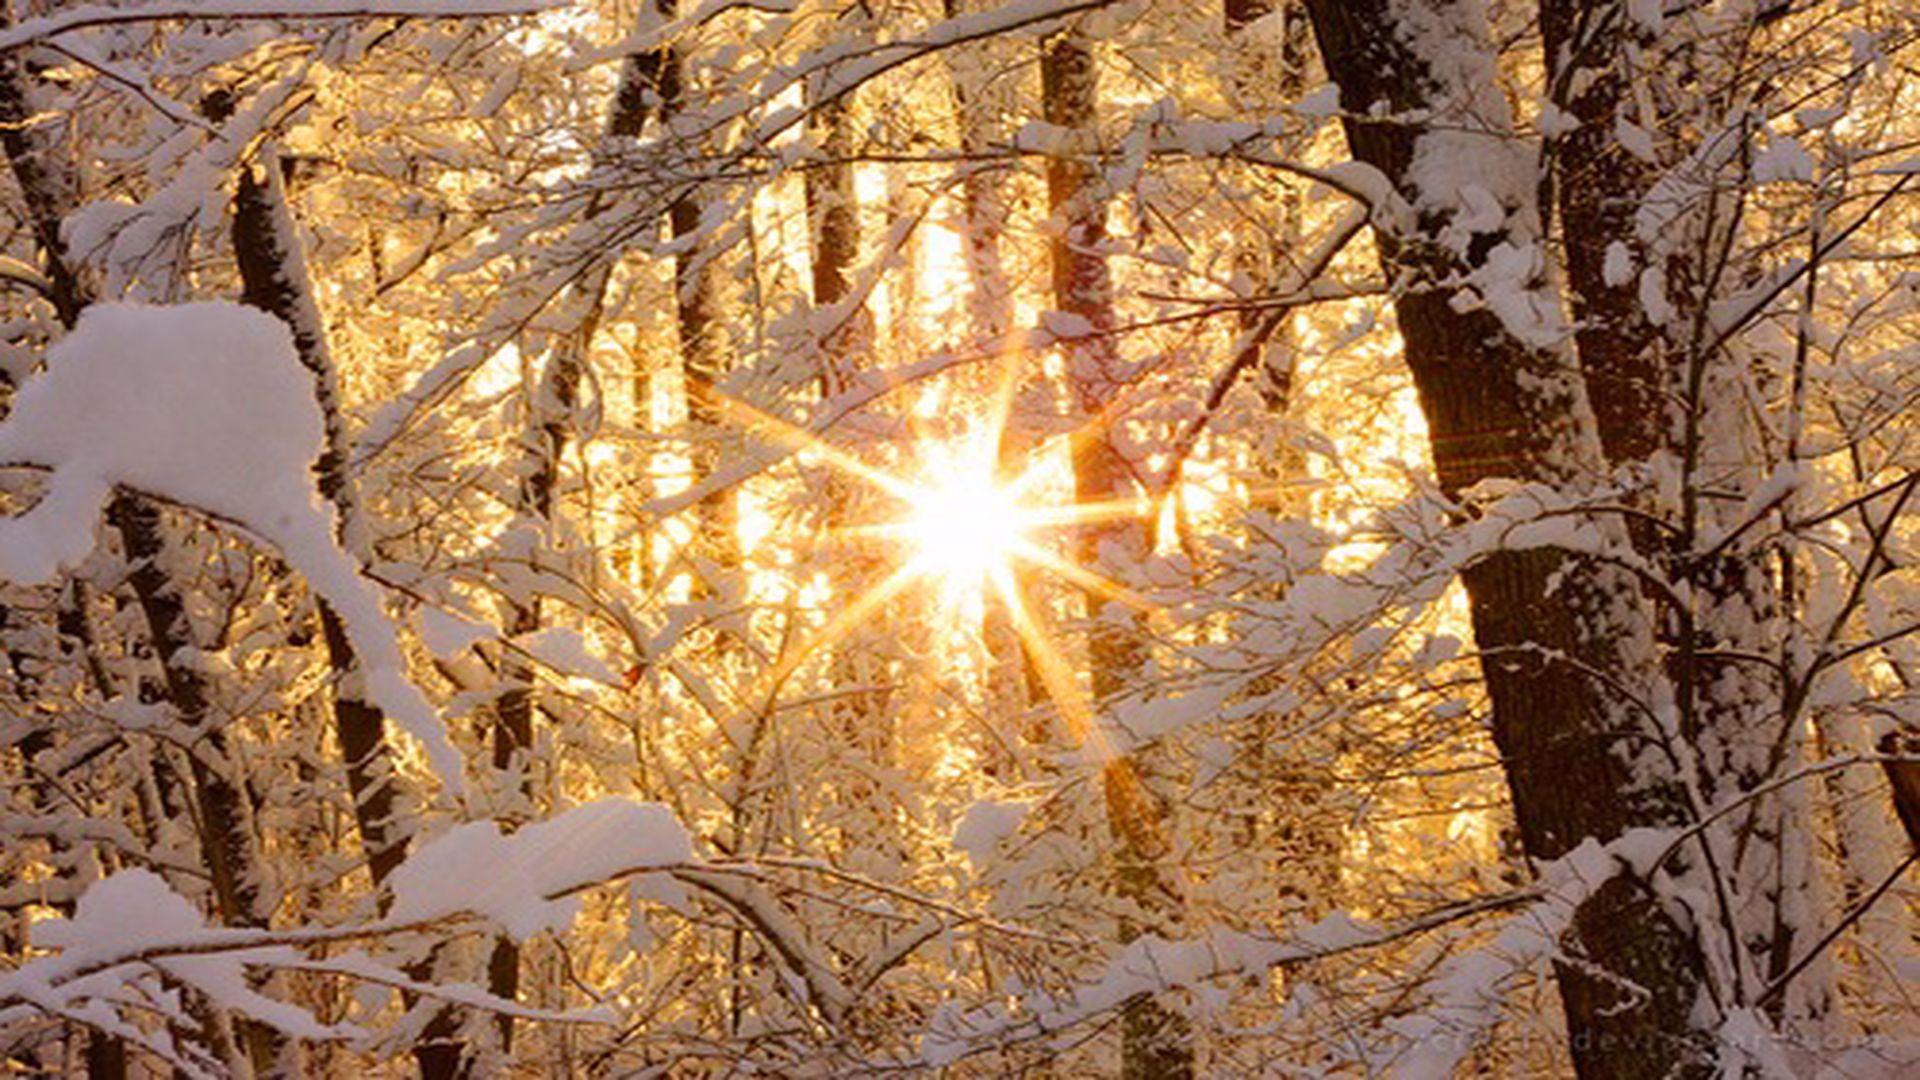 Prognoza meteo 25 decembrie. Crăciun cu temperaturi de primăvară